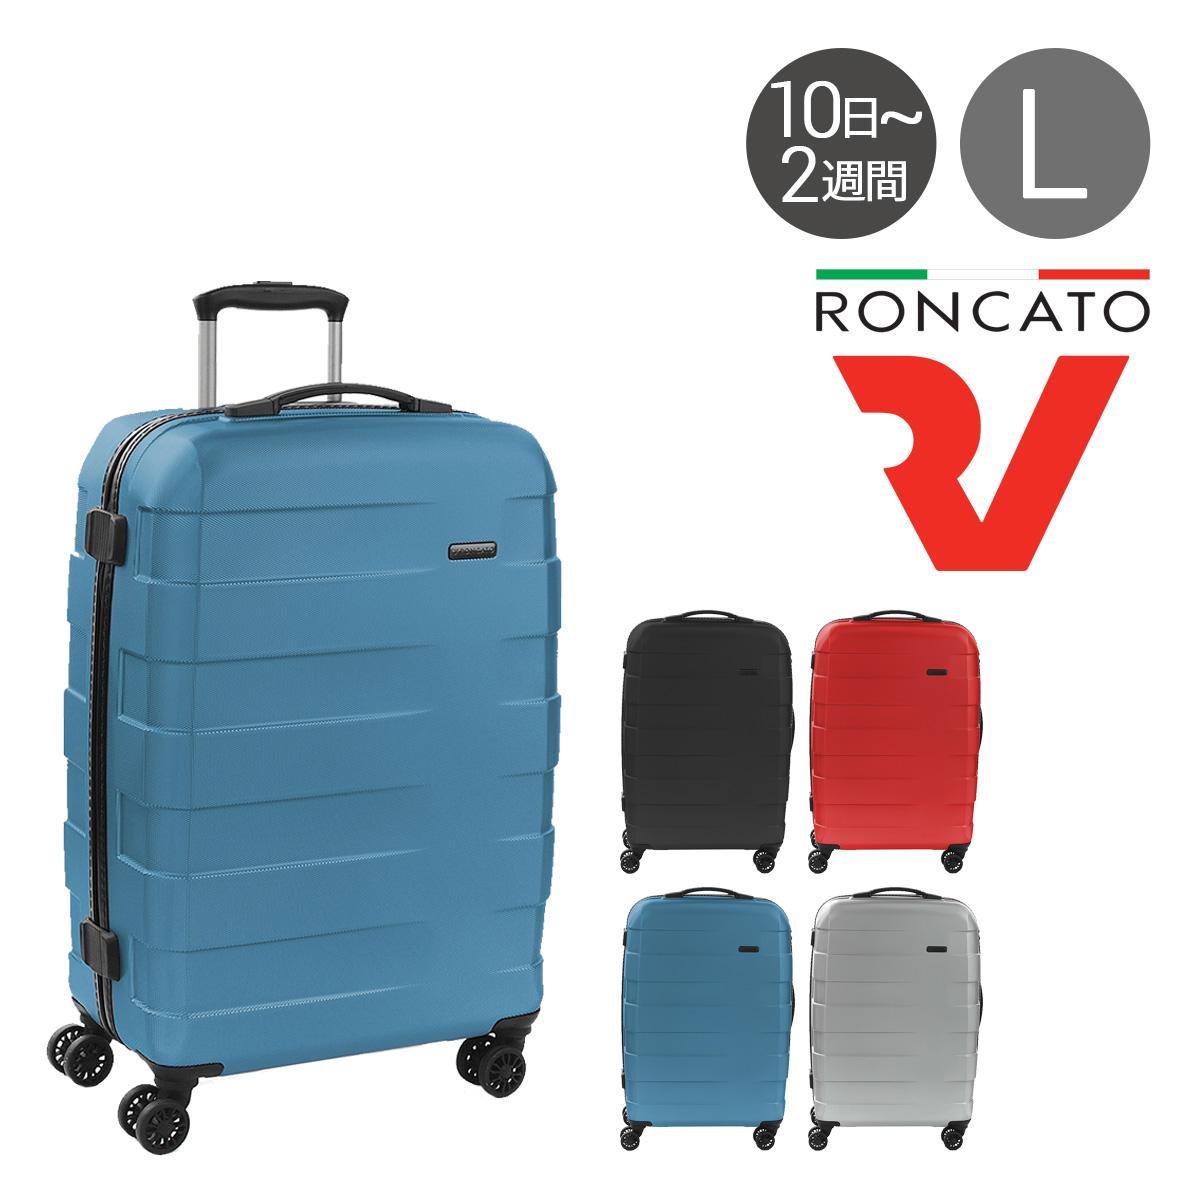 ロンカ-ト スーツケース 97L 68cm 3.6kg ハード ファスナー アールブイ・エイティーン 5801 イタリア製 RONCATO RV-18 | キャリーケース 軽量 TSAロック搭載 5年保証[bef]